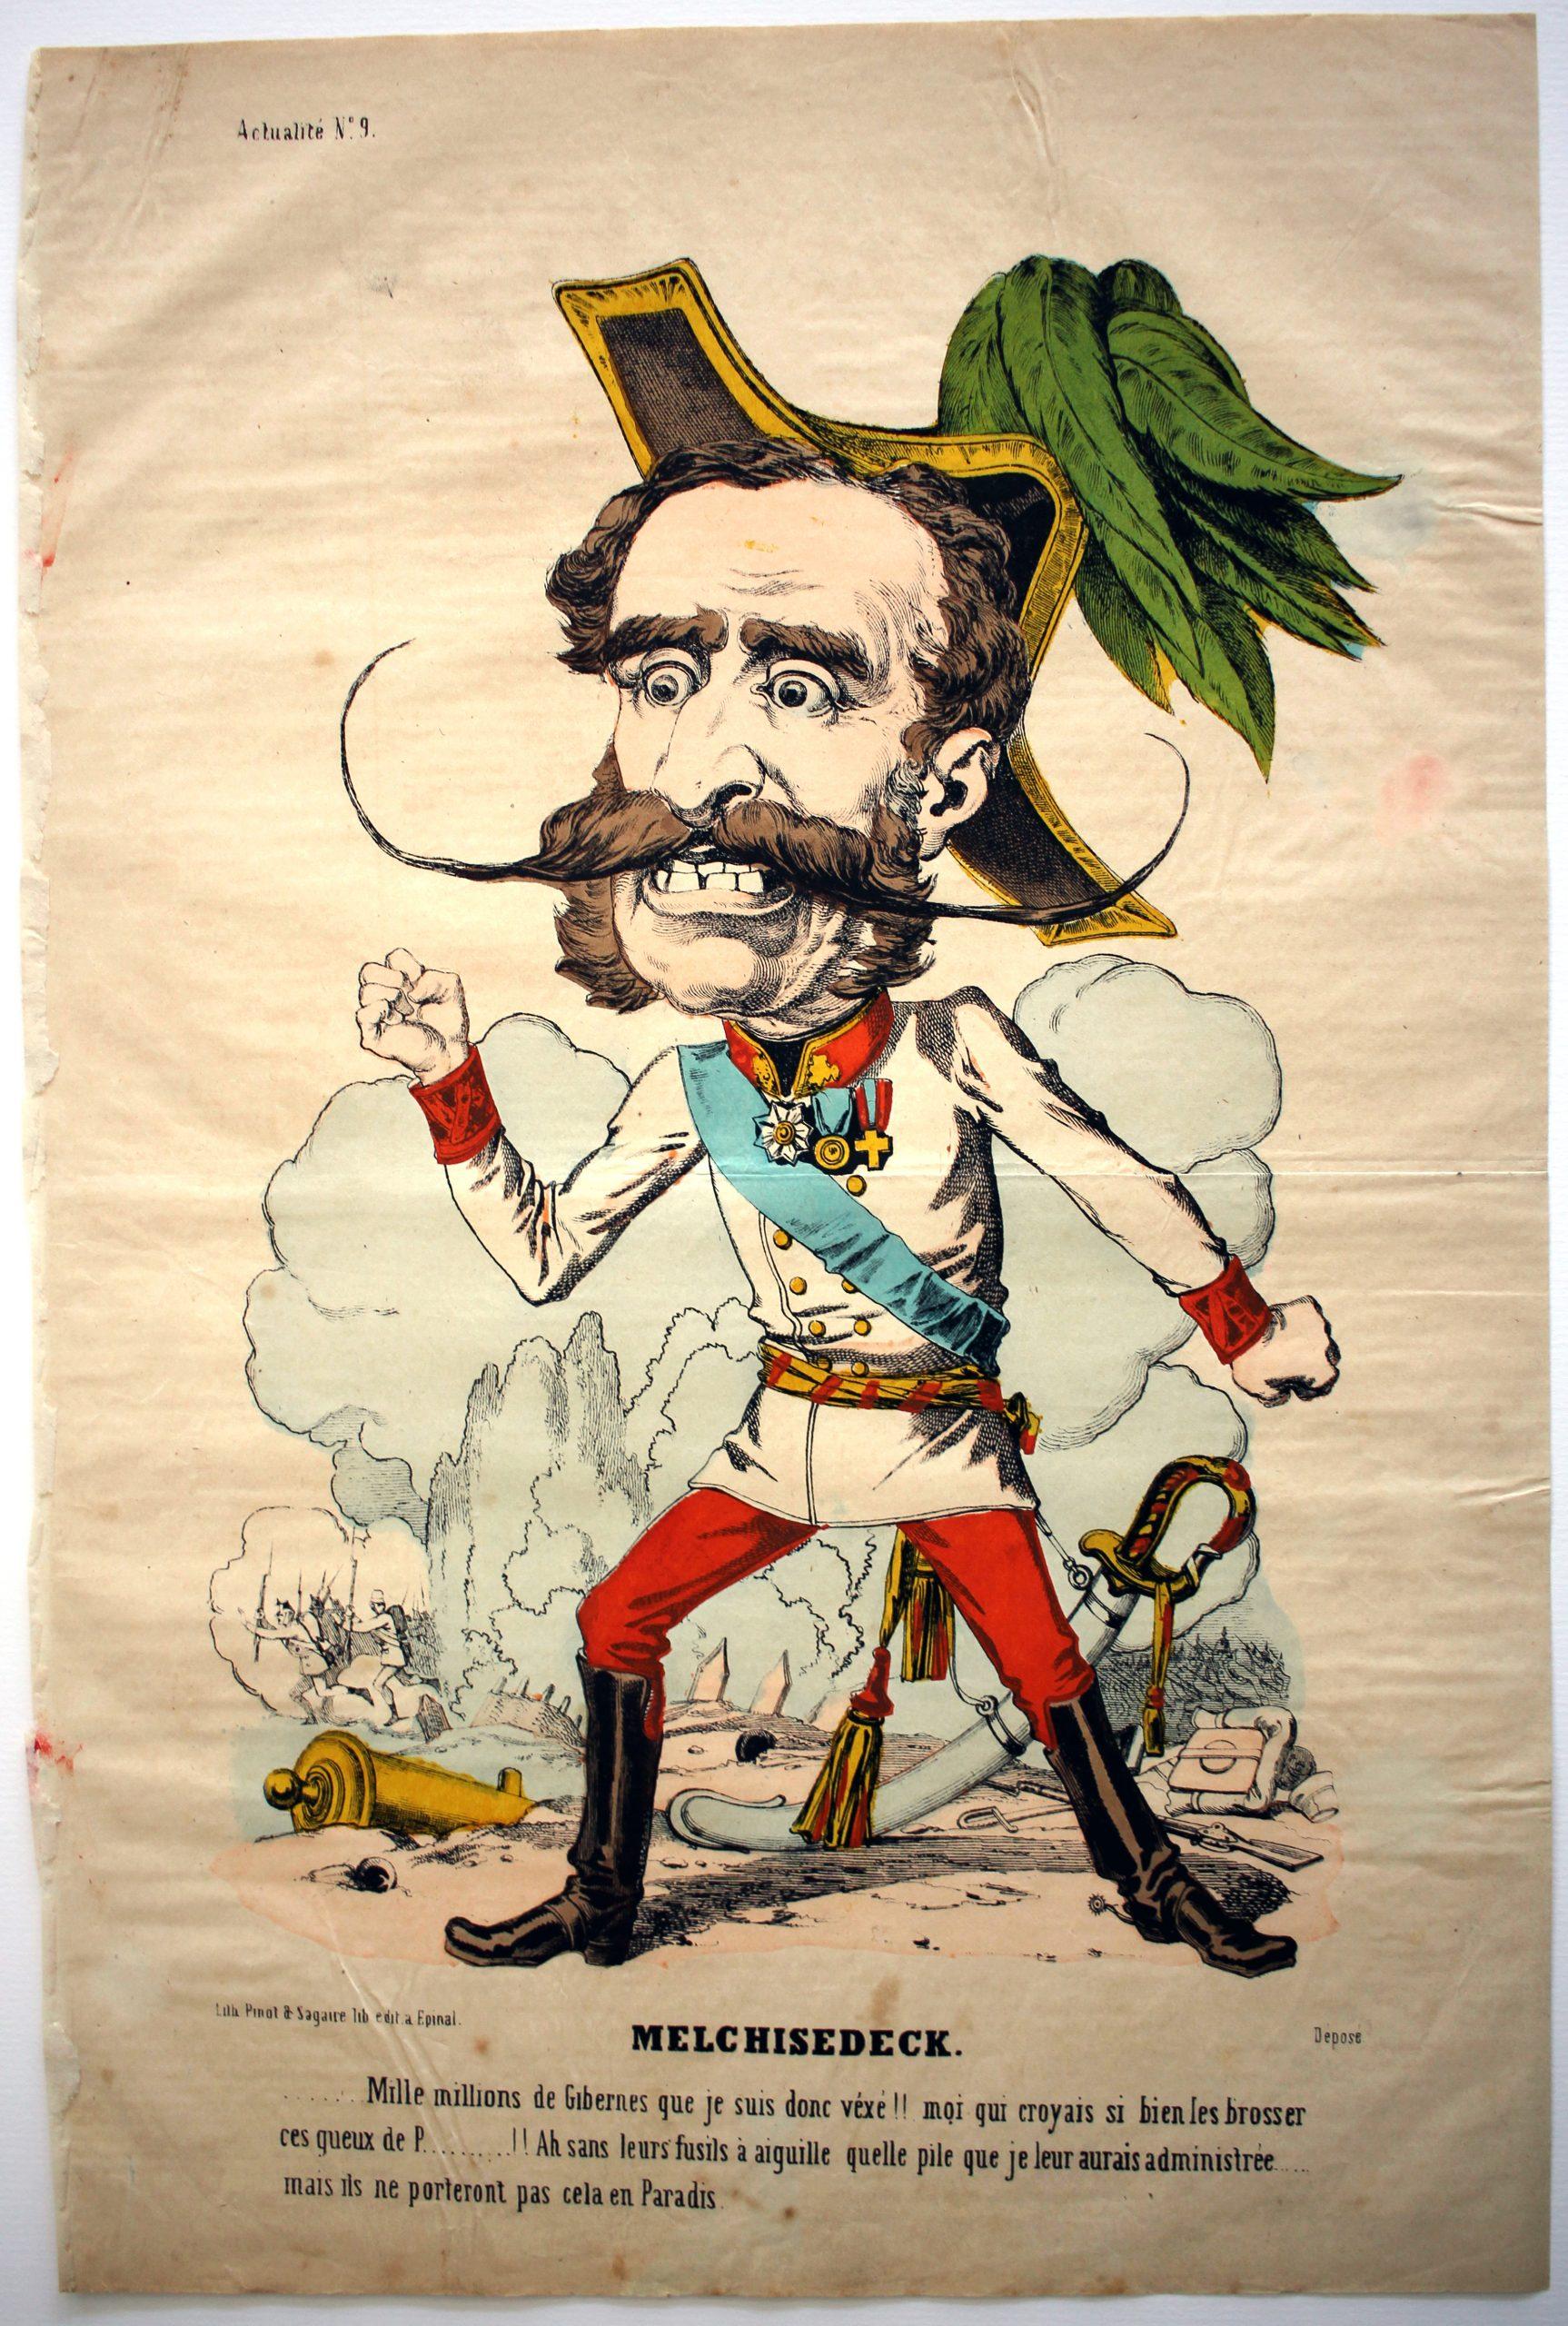 Imagerie Epinal - Pinot et Sagaire - Caricature - Autriche - Guerre 1866 - Austro - Prussienne - Casque à pointe